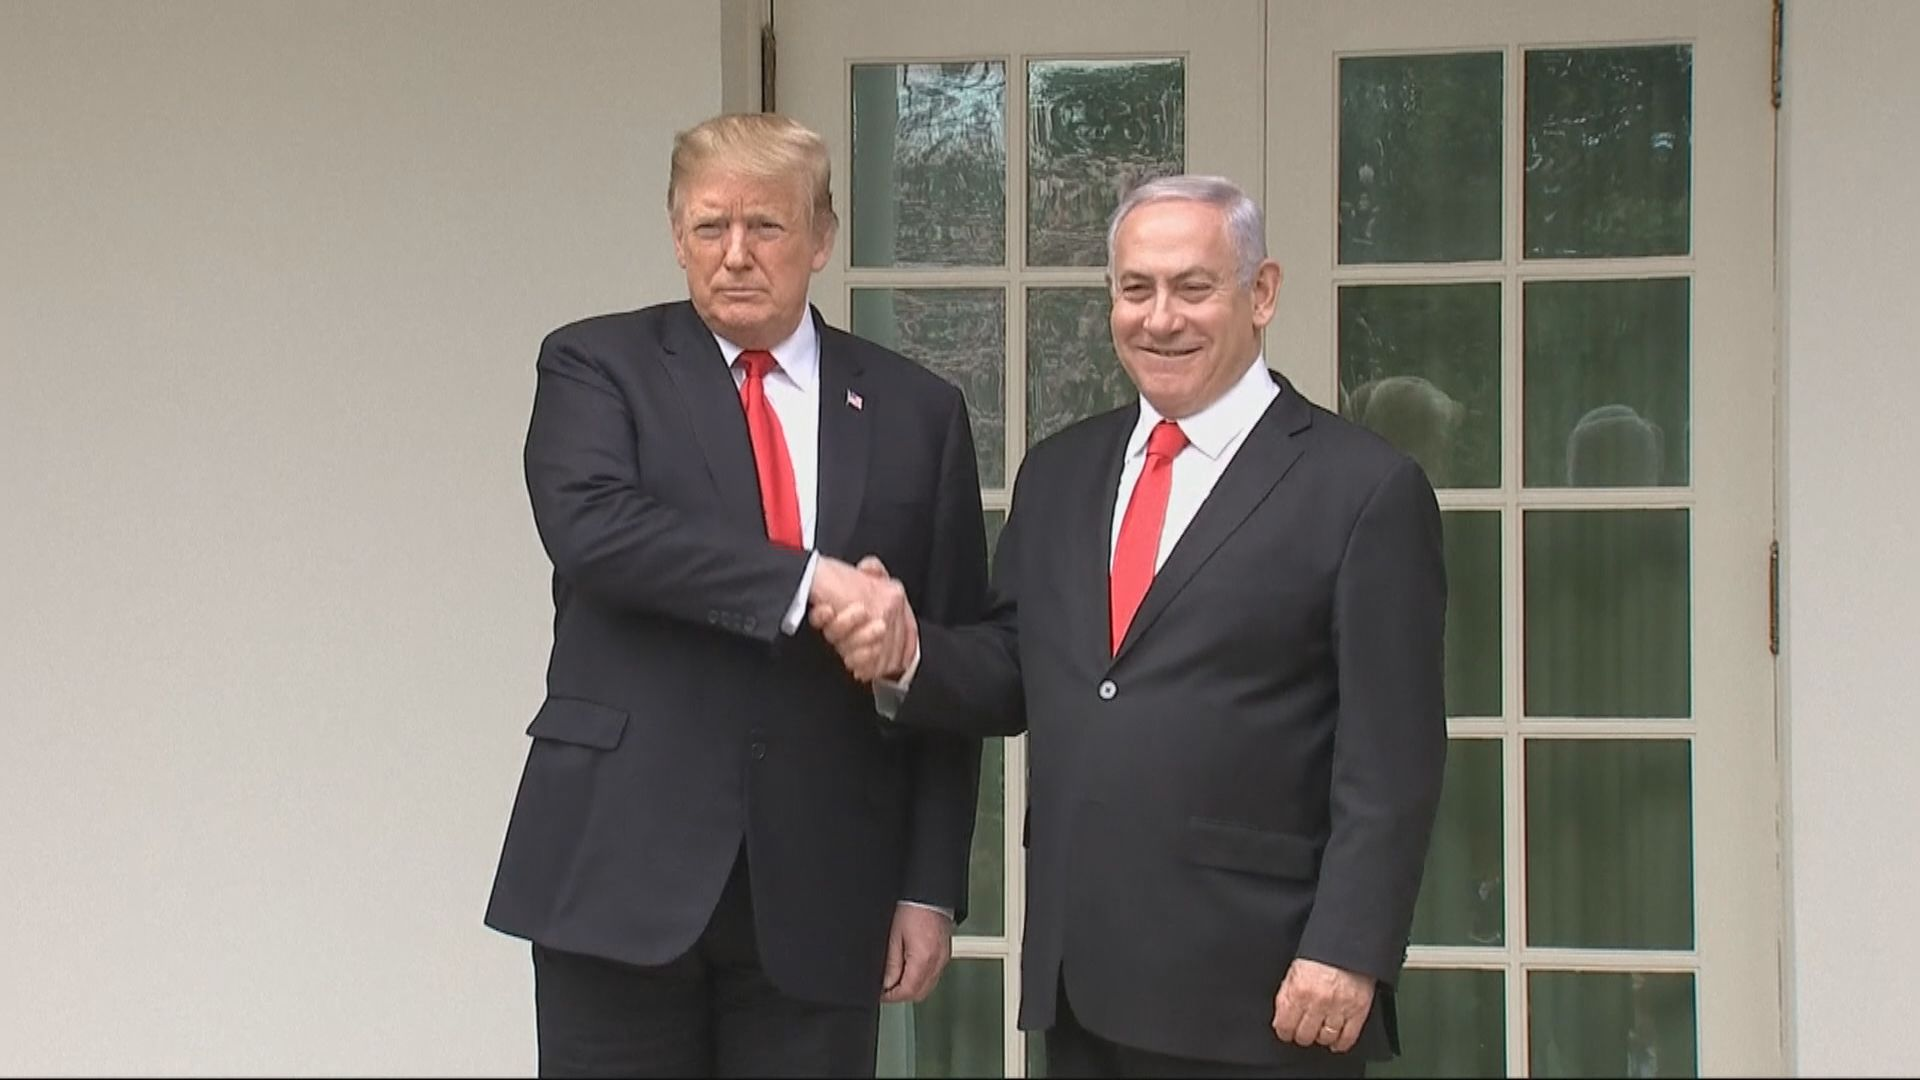 華府宣布不視以色列於西岸建殖民區違反國際